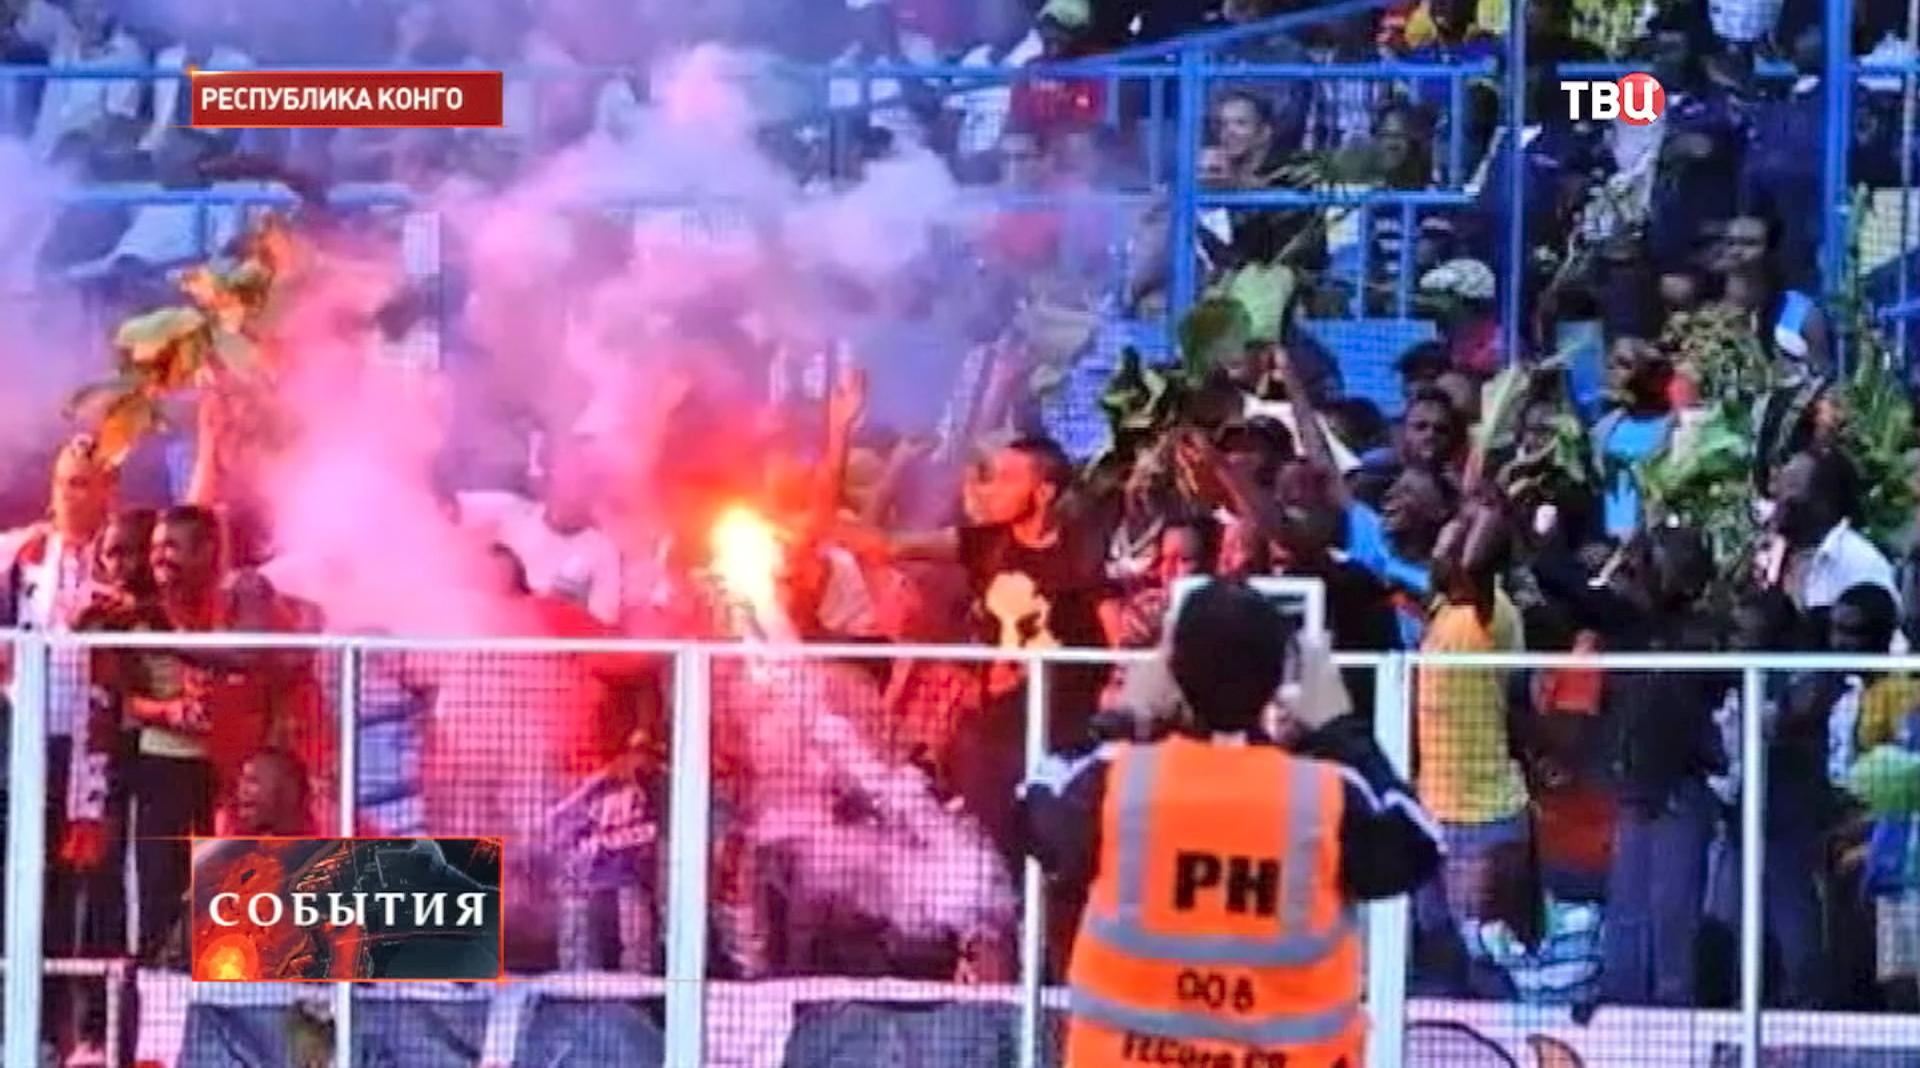 Беспорядки на футбольном матче в Конго